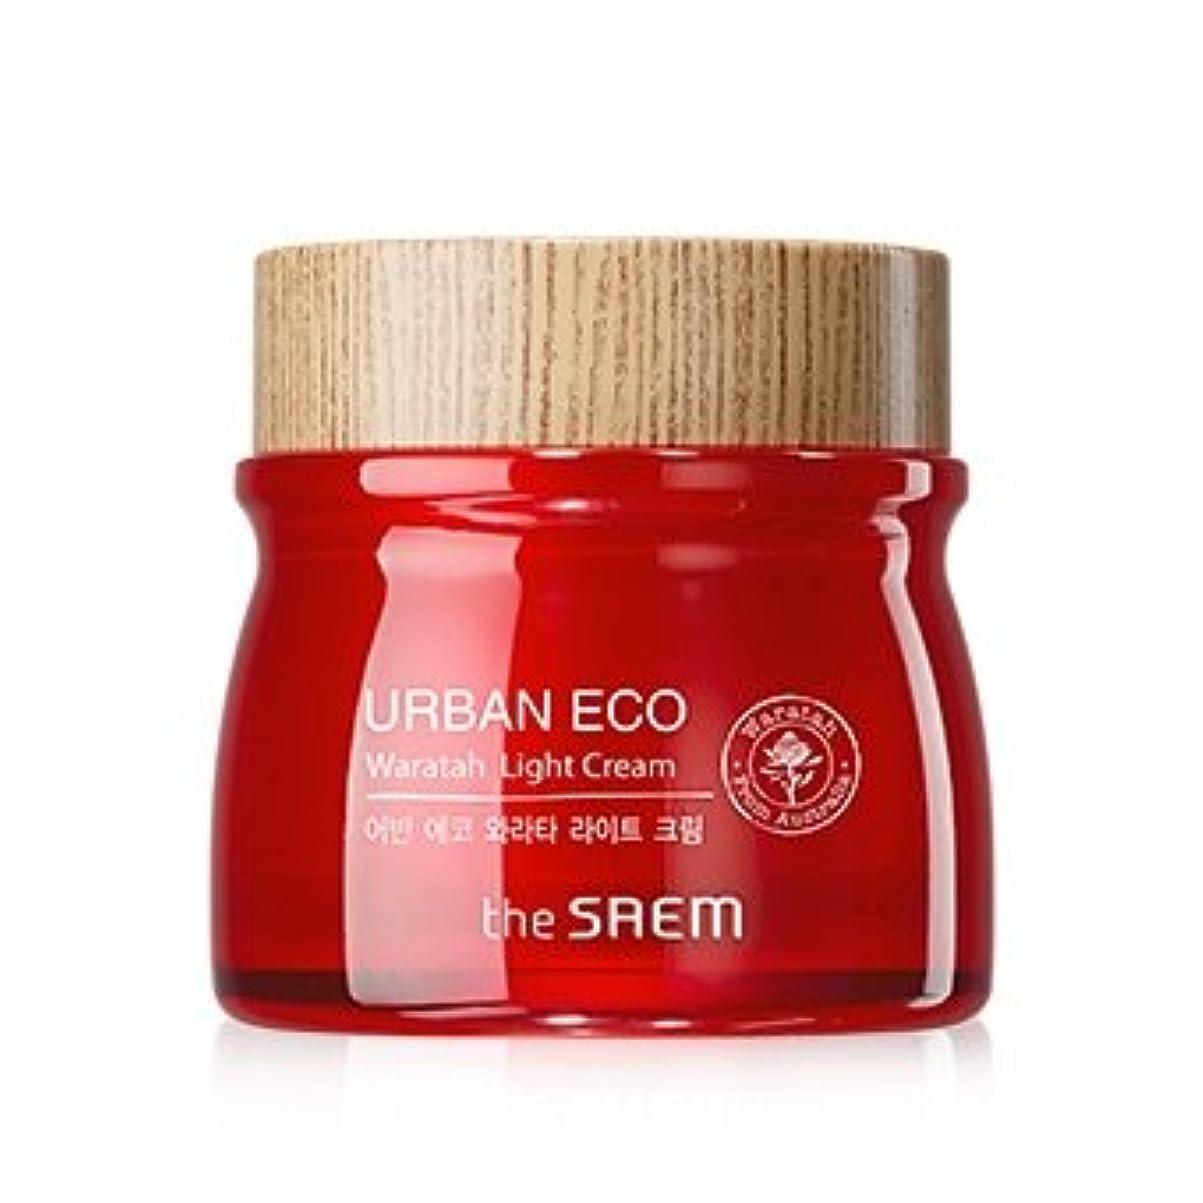 再集計プール敏感なThe Saem Urban Eco Waratah Light Cream 60ml ドセム アーバンエコワラターライトクリーム60ml[並行輸入品]